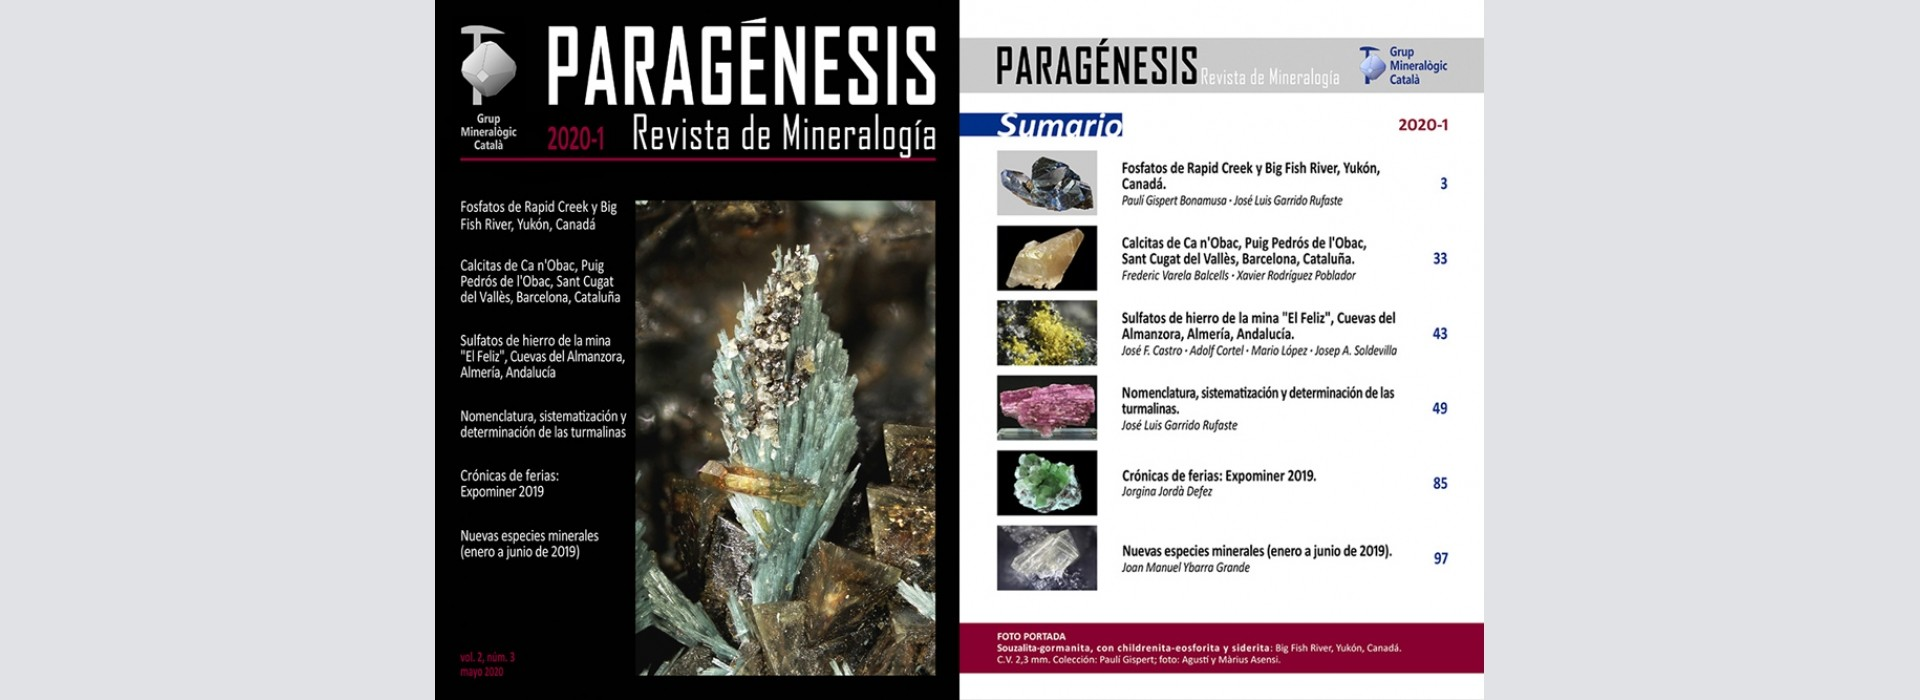 Nova revista Mineralogistes de Catalunya 2020-1 i Paragénesis 2020-1